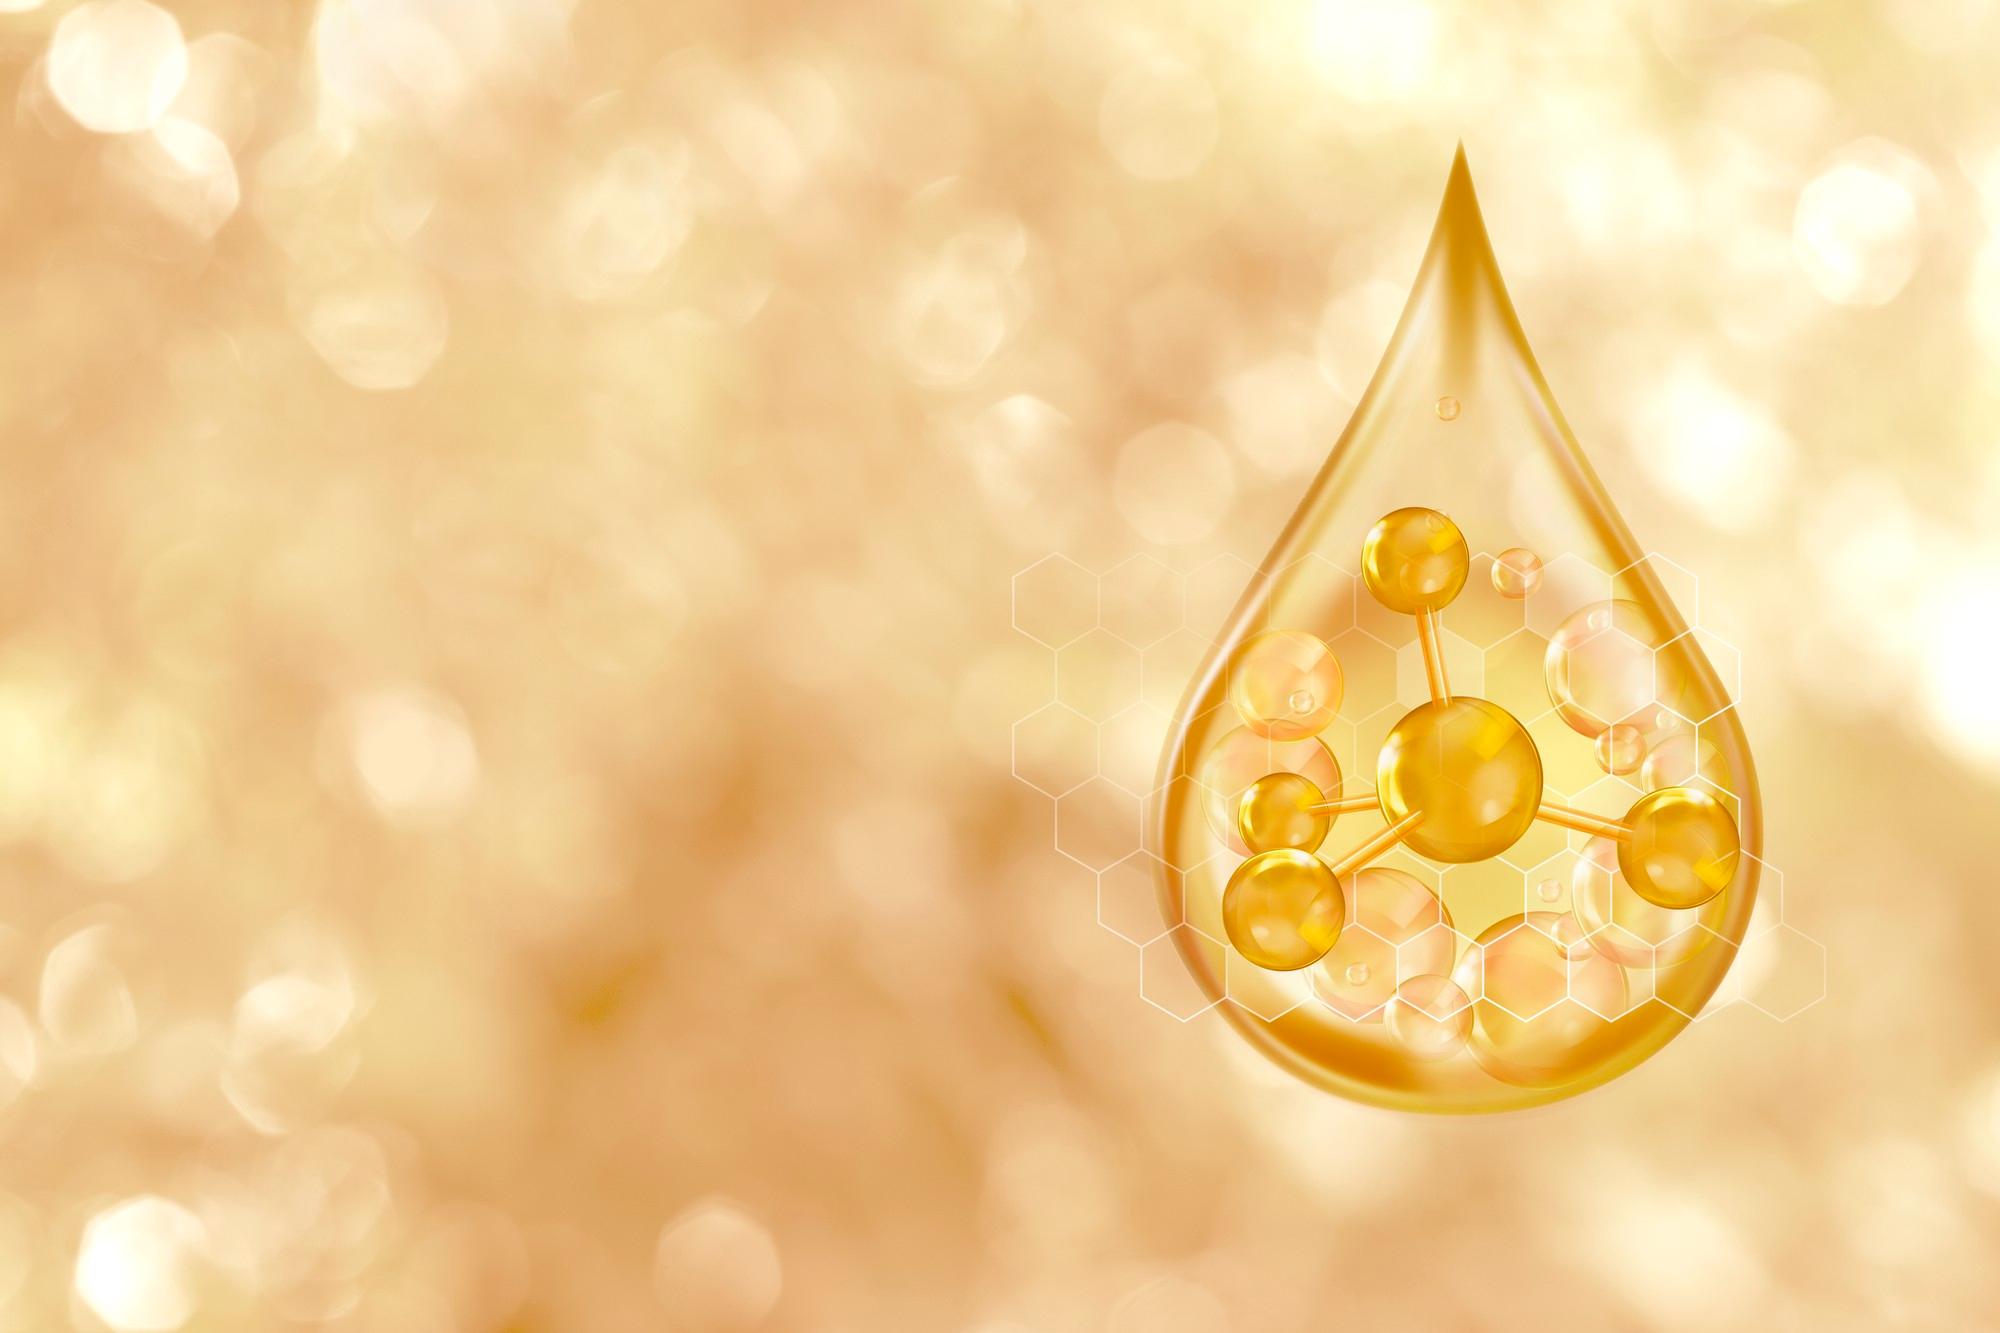 A imagem mostra a ilustração de uma gota dourada, contendo uma cadeia proteica, simulando o colágeno. O fundo é abstrato com cores, predominantemente dourada e branca.